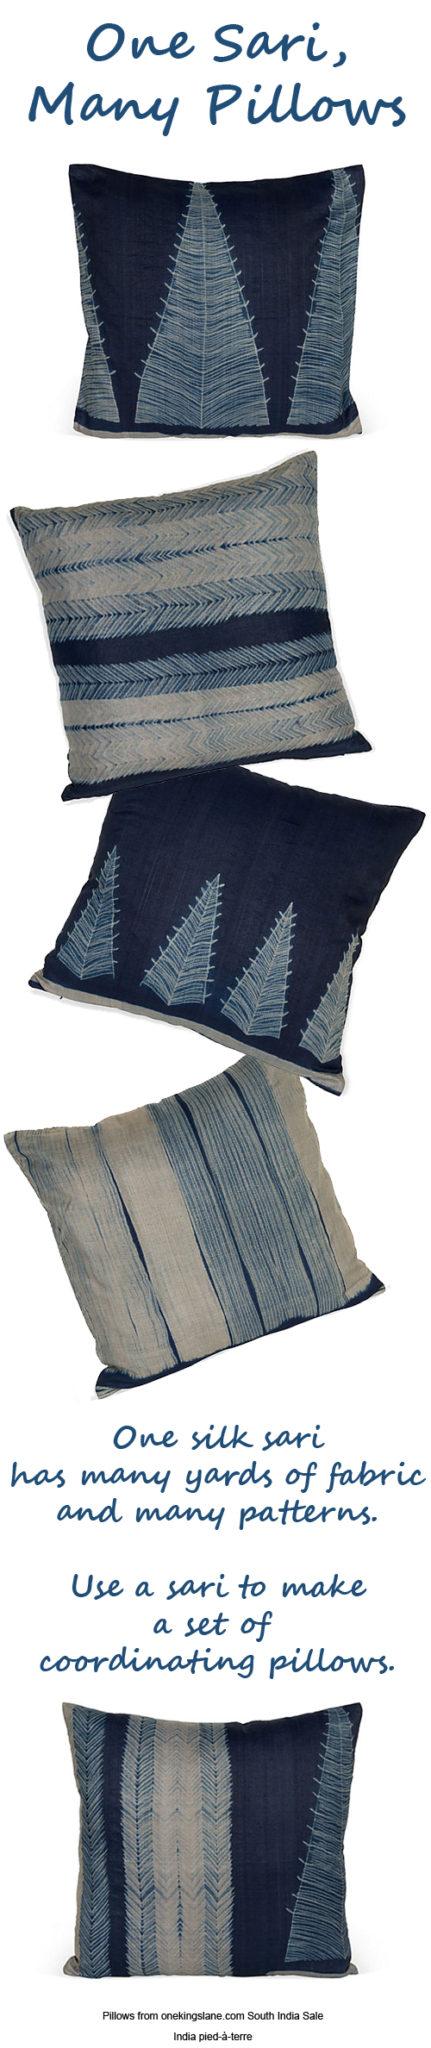 One Silk Sari - Many Coordinating Pillows